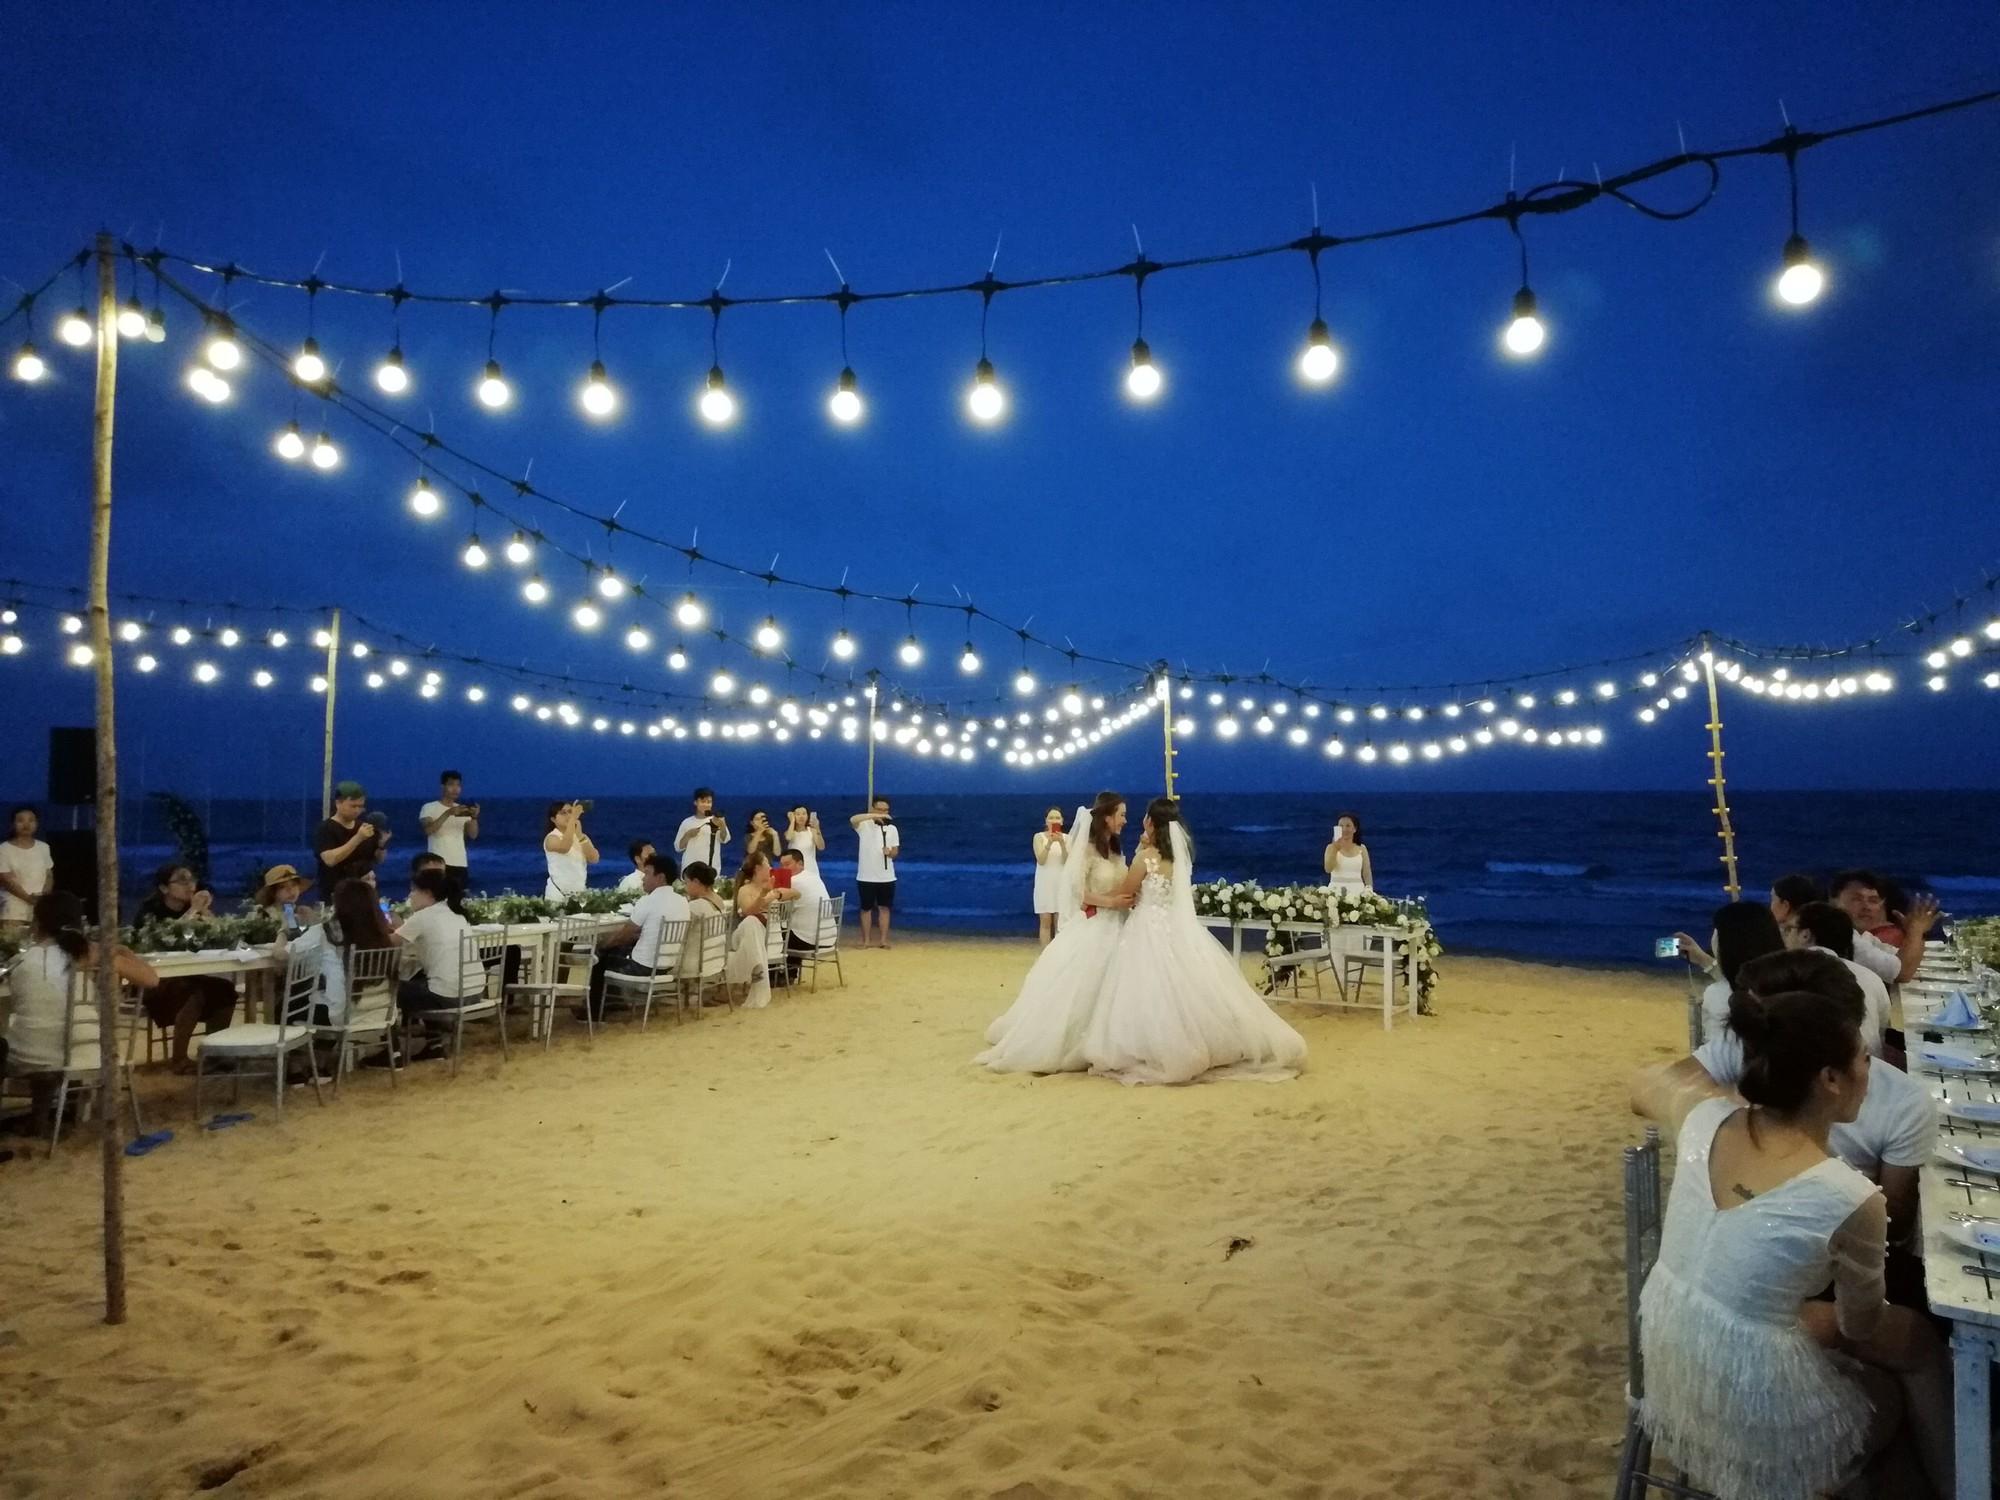 Đám cưới đồng tính của hai cô gái từng là tình địch giữa bãi biển Bình Thuận thơ mộng - Ảnh 4.